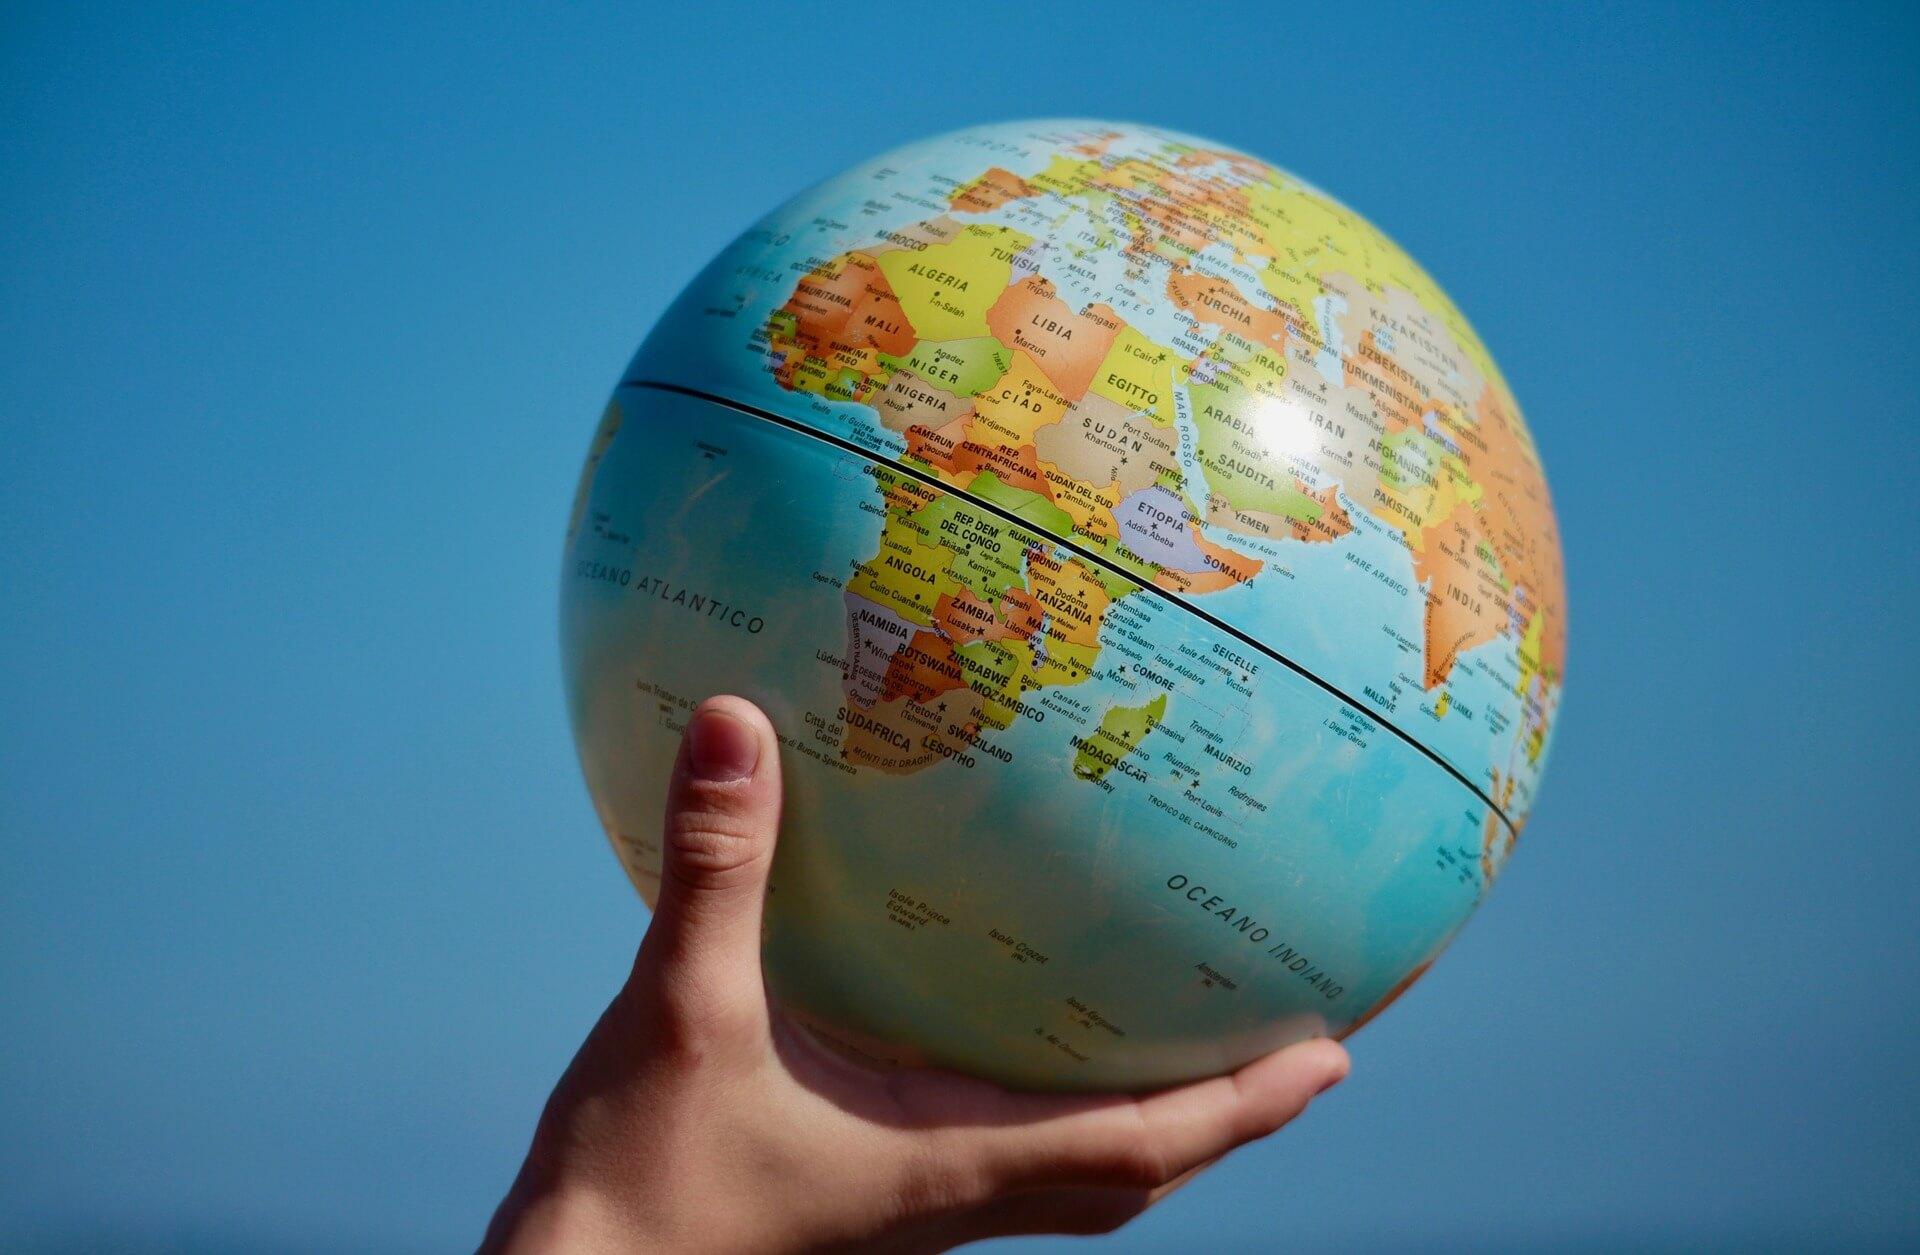 Une agence de recrutement international cherche les meilleurs profils à travers le monde.